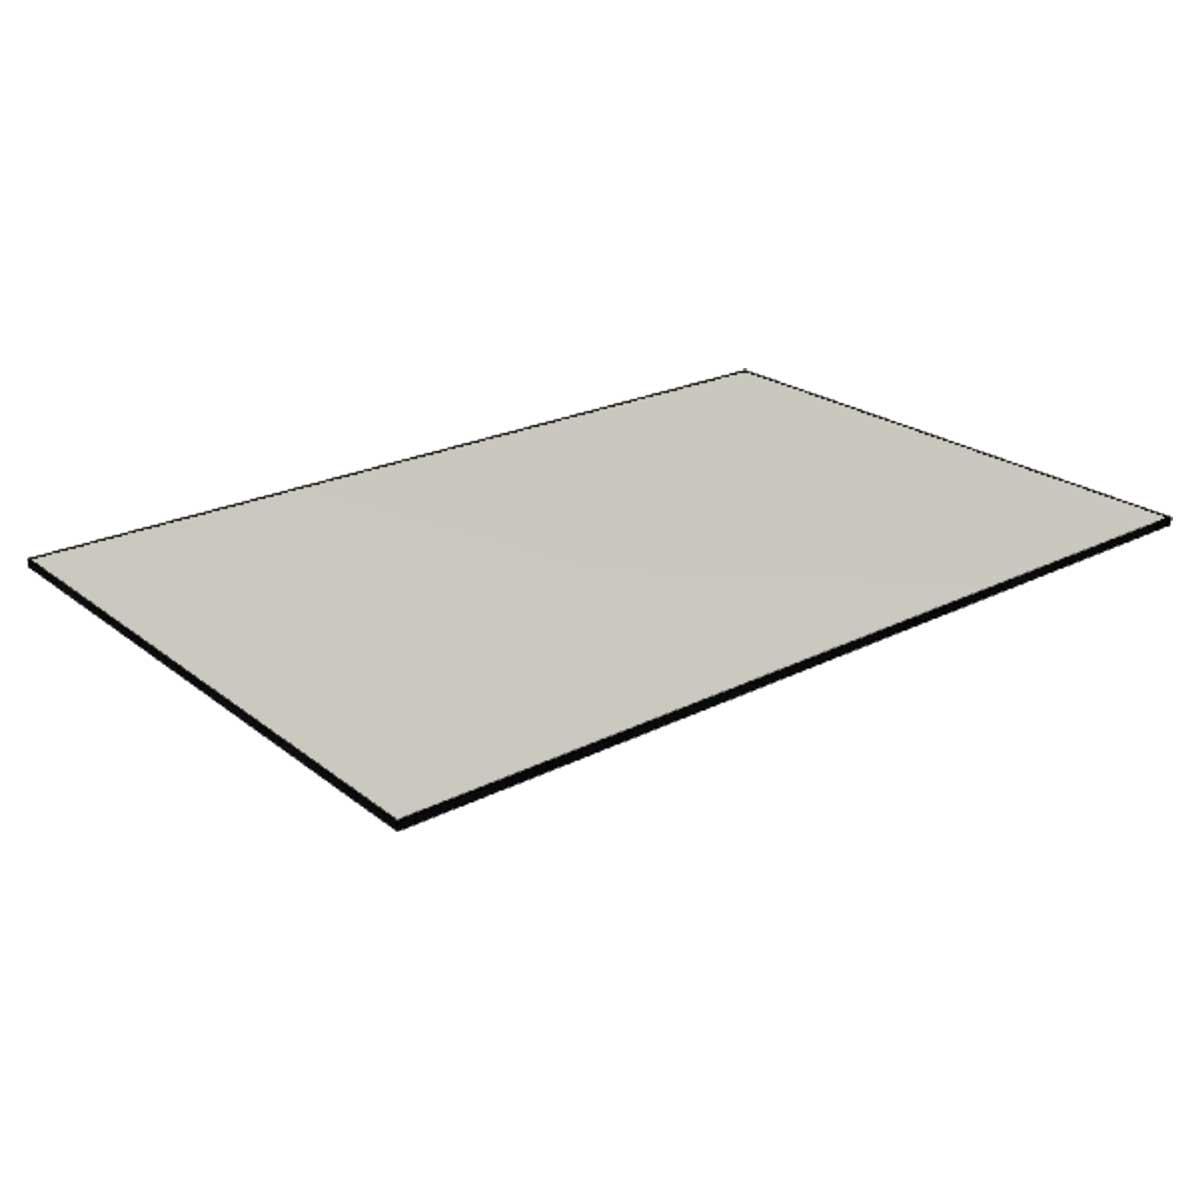 TICAR E120X80 001 - https://www.werzalit.com/fr/produit/plateau-de-table-carino-e-100x60-epaisseur-du-plateau-de-la-table-12mm-decor-001-weiss/